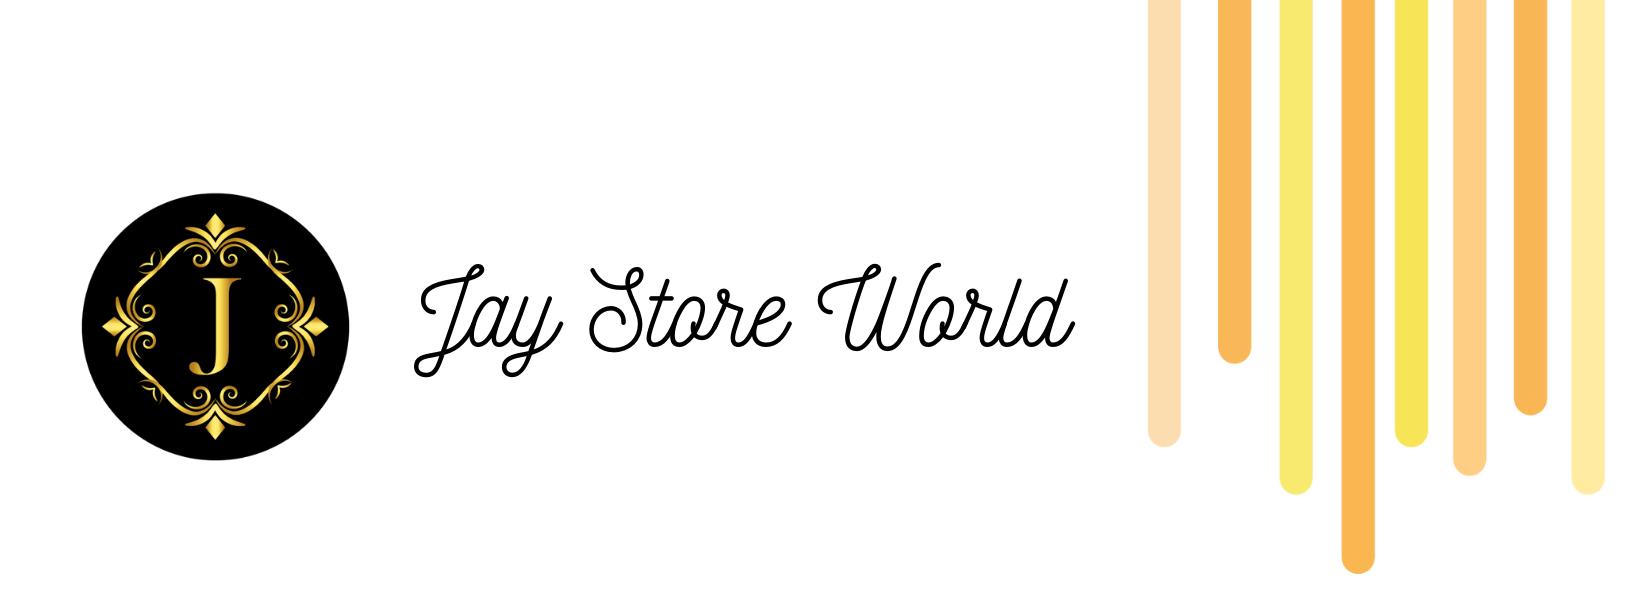 jaystoreworld Logo